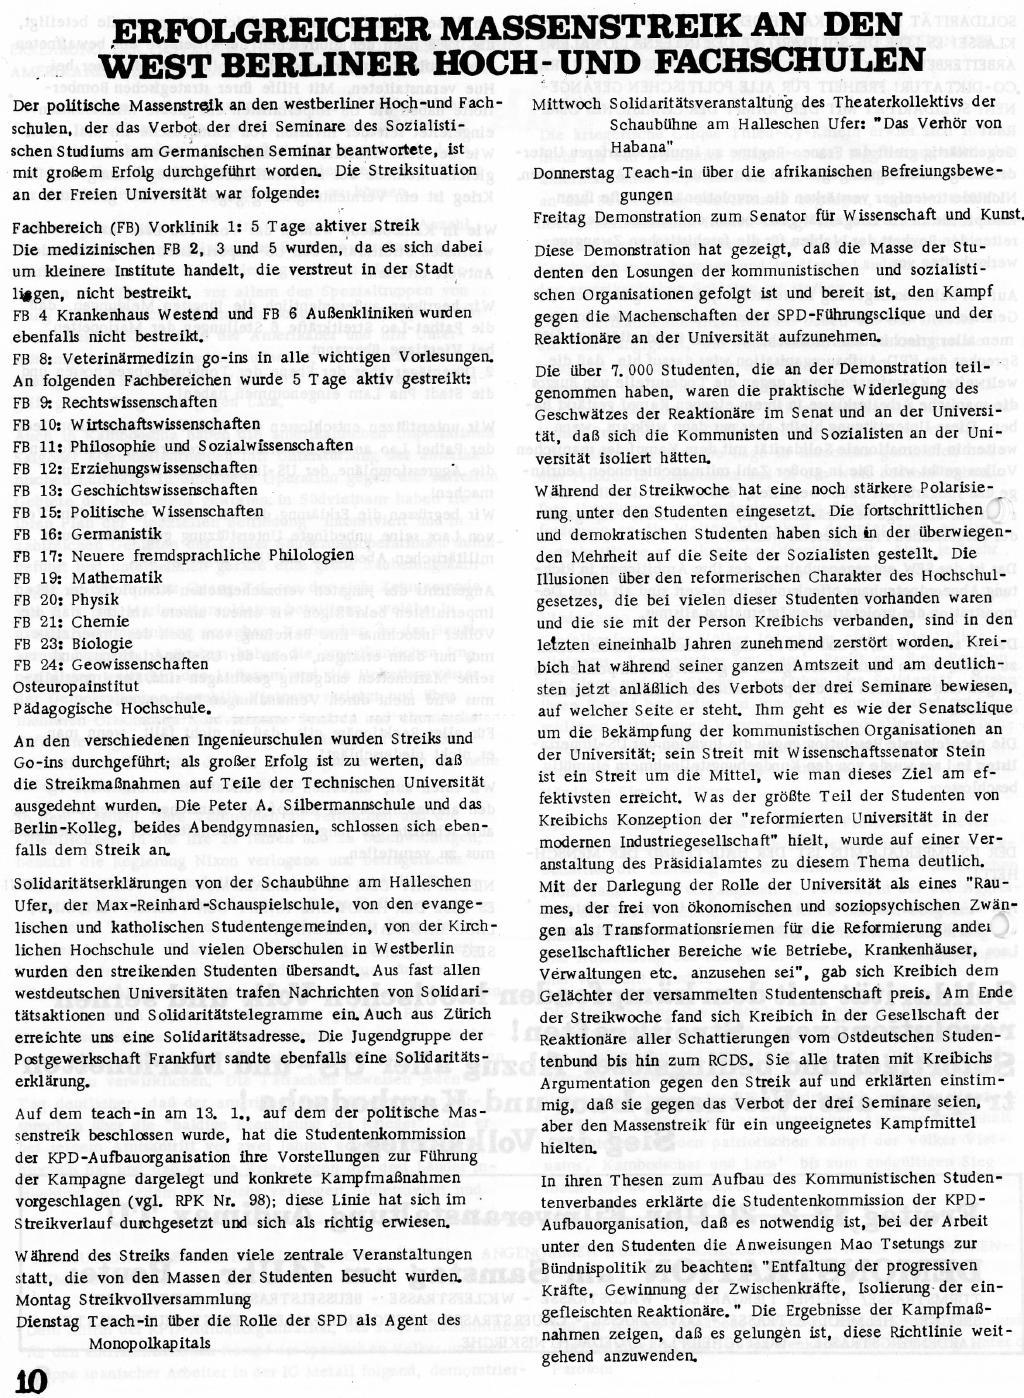 RPK_1971_102_10